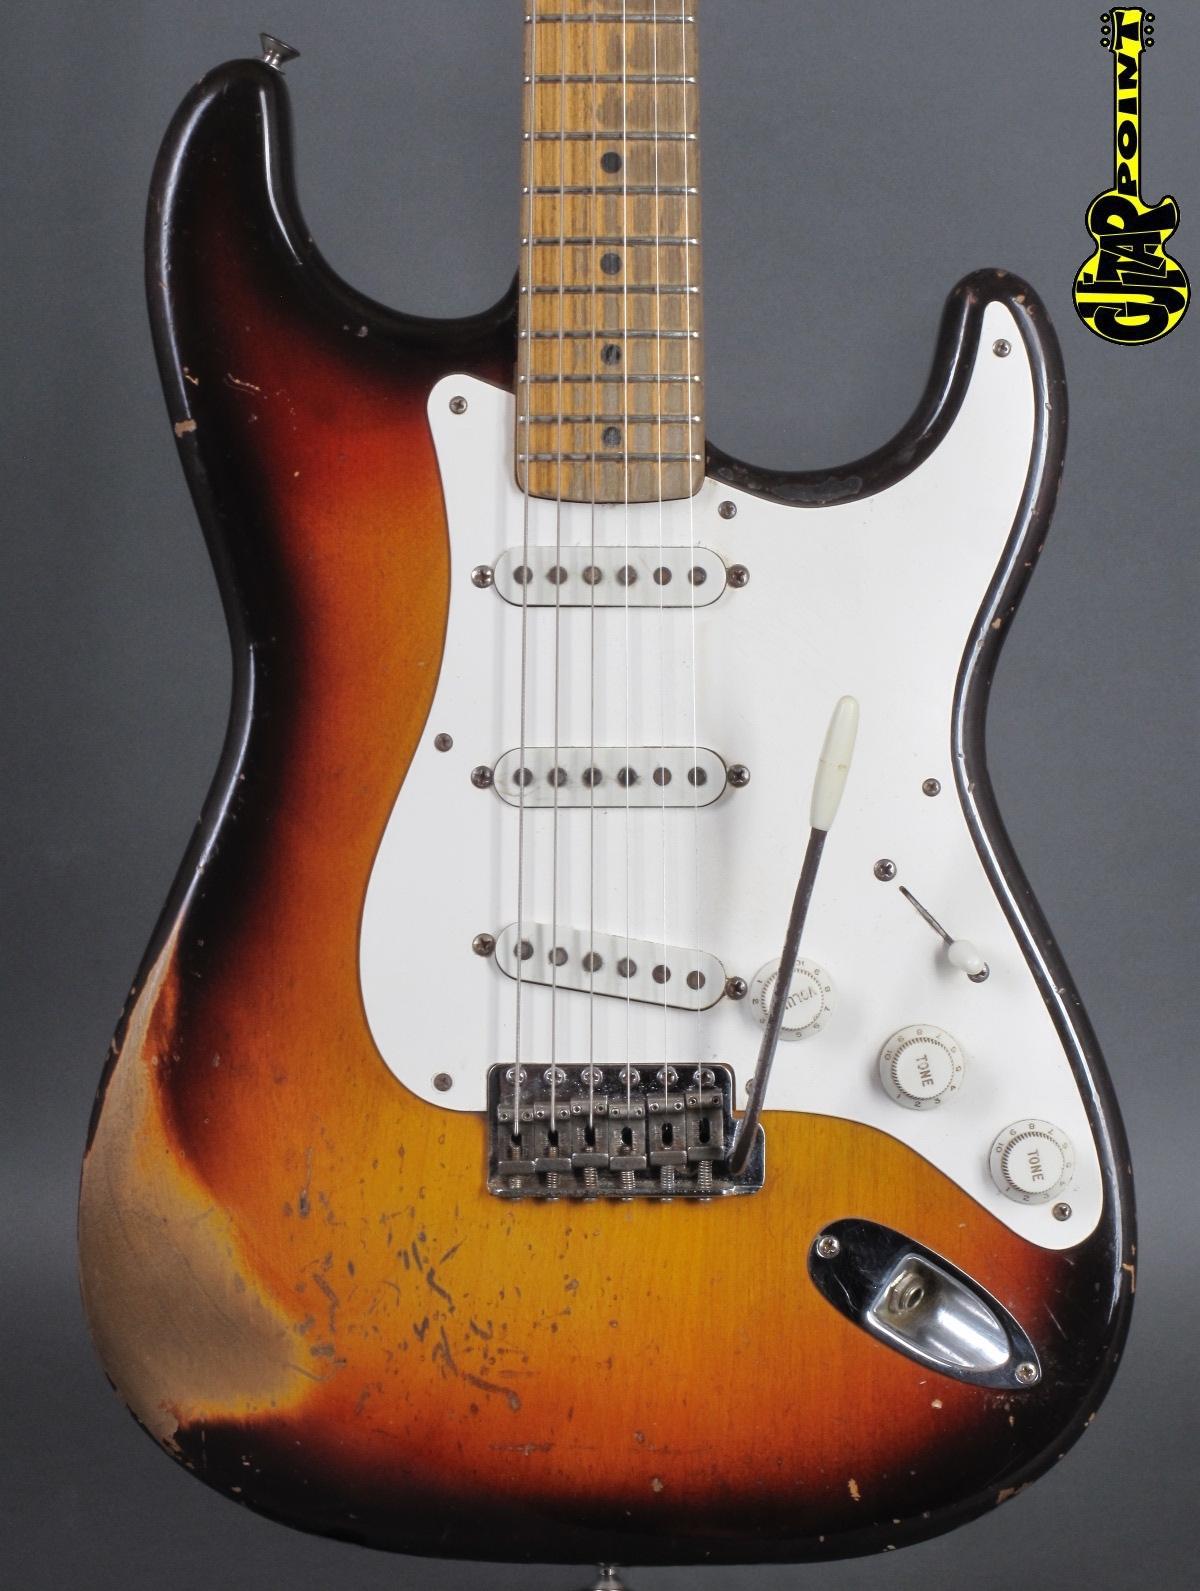 1959 Fender Stratocaster - 3-tone Sunburst / Maple-neck